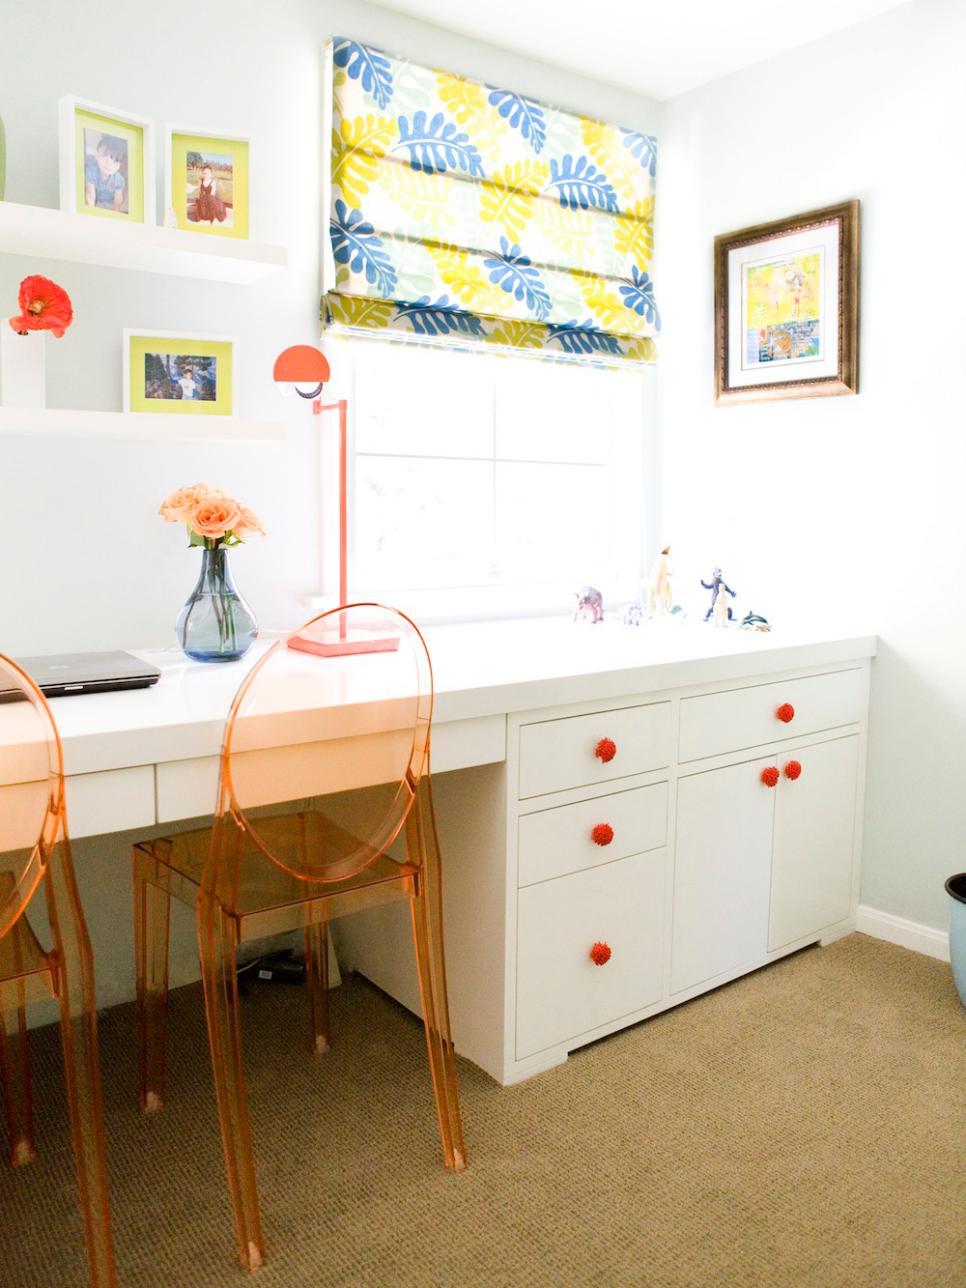 DP_Erinn-Valencich-Eclectic-Bedroom-Desk-2_s3x4.jpg.rend.hgtvcom.966.1288